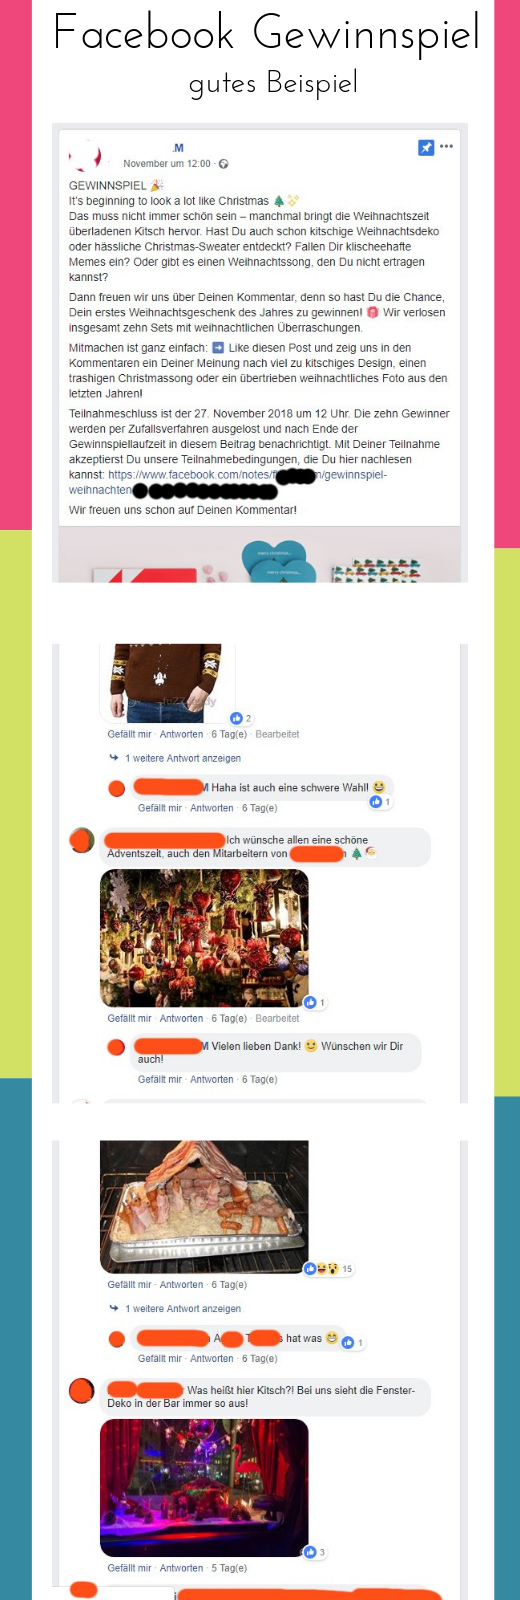 facebook gewinnspiel - alles richtig gemacht - gutes Beispiel